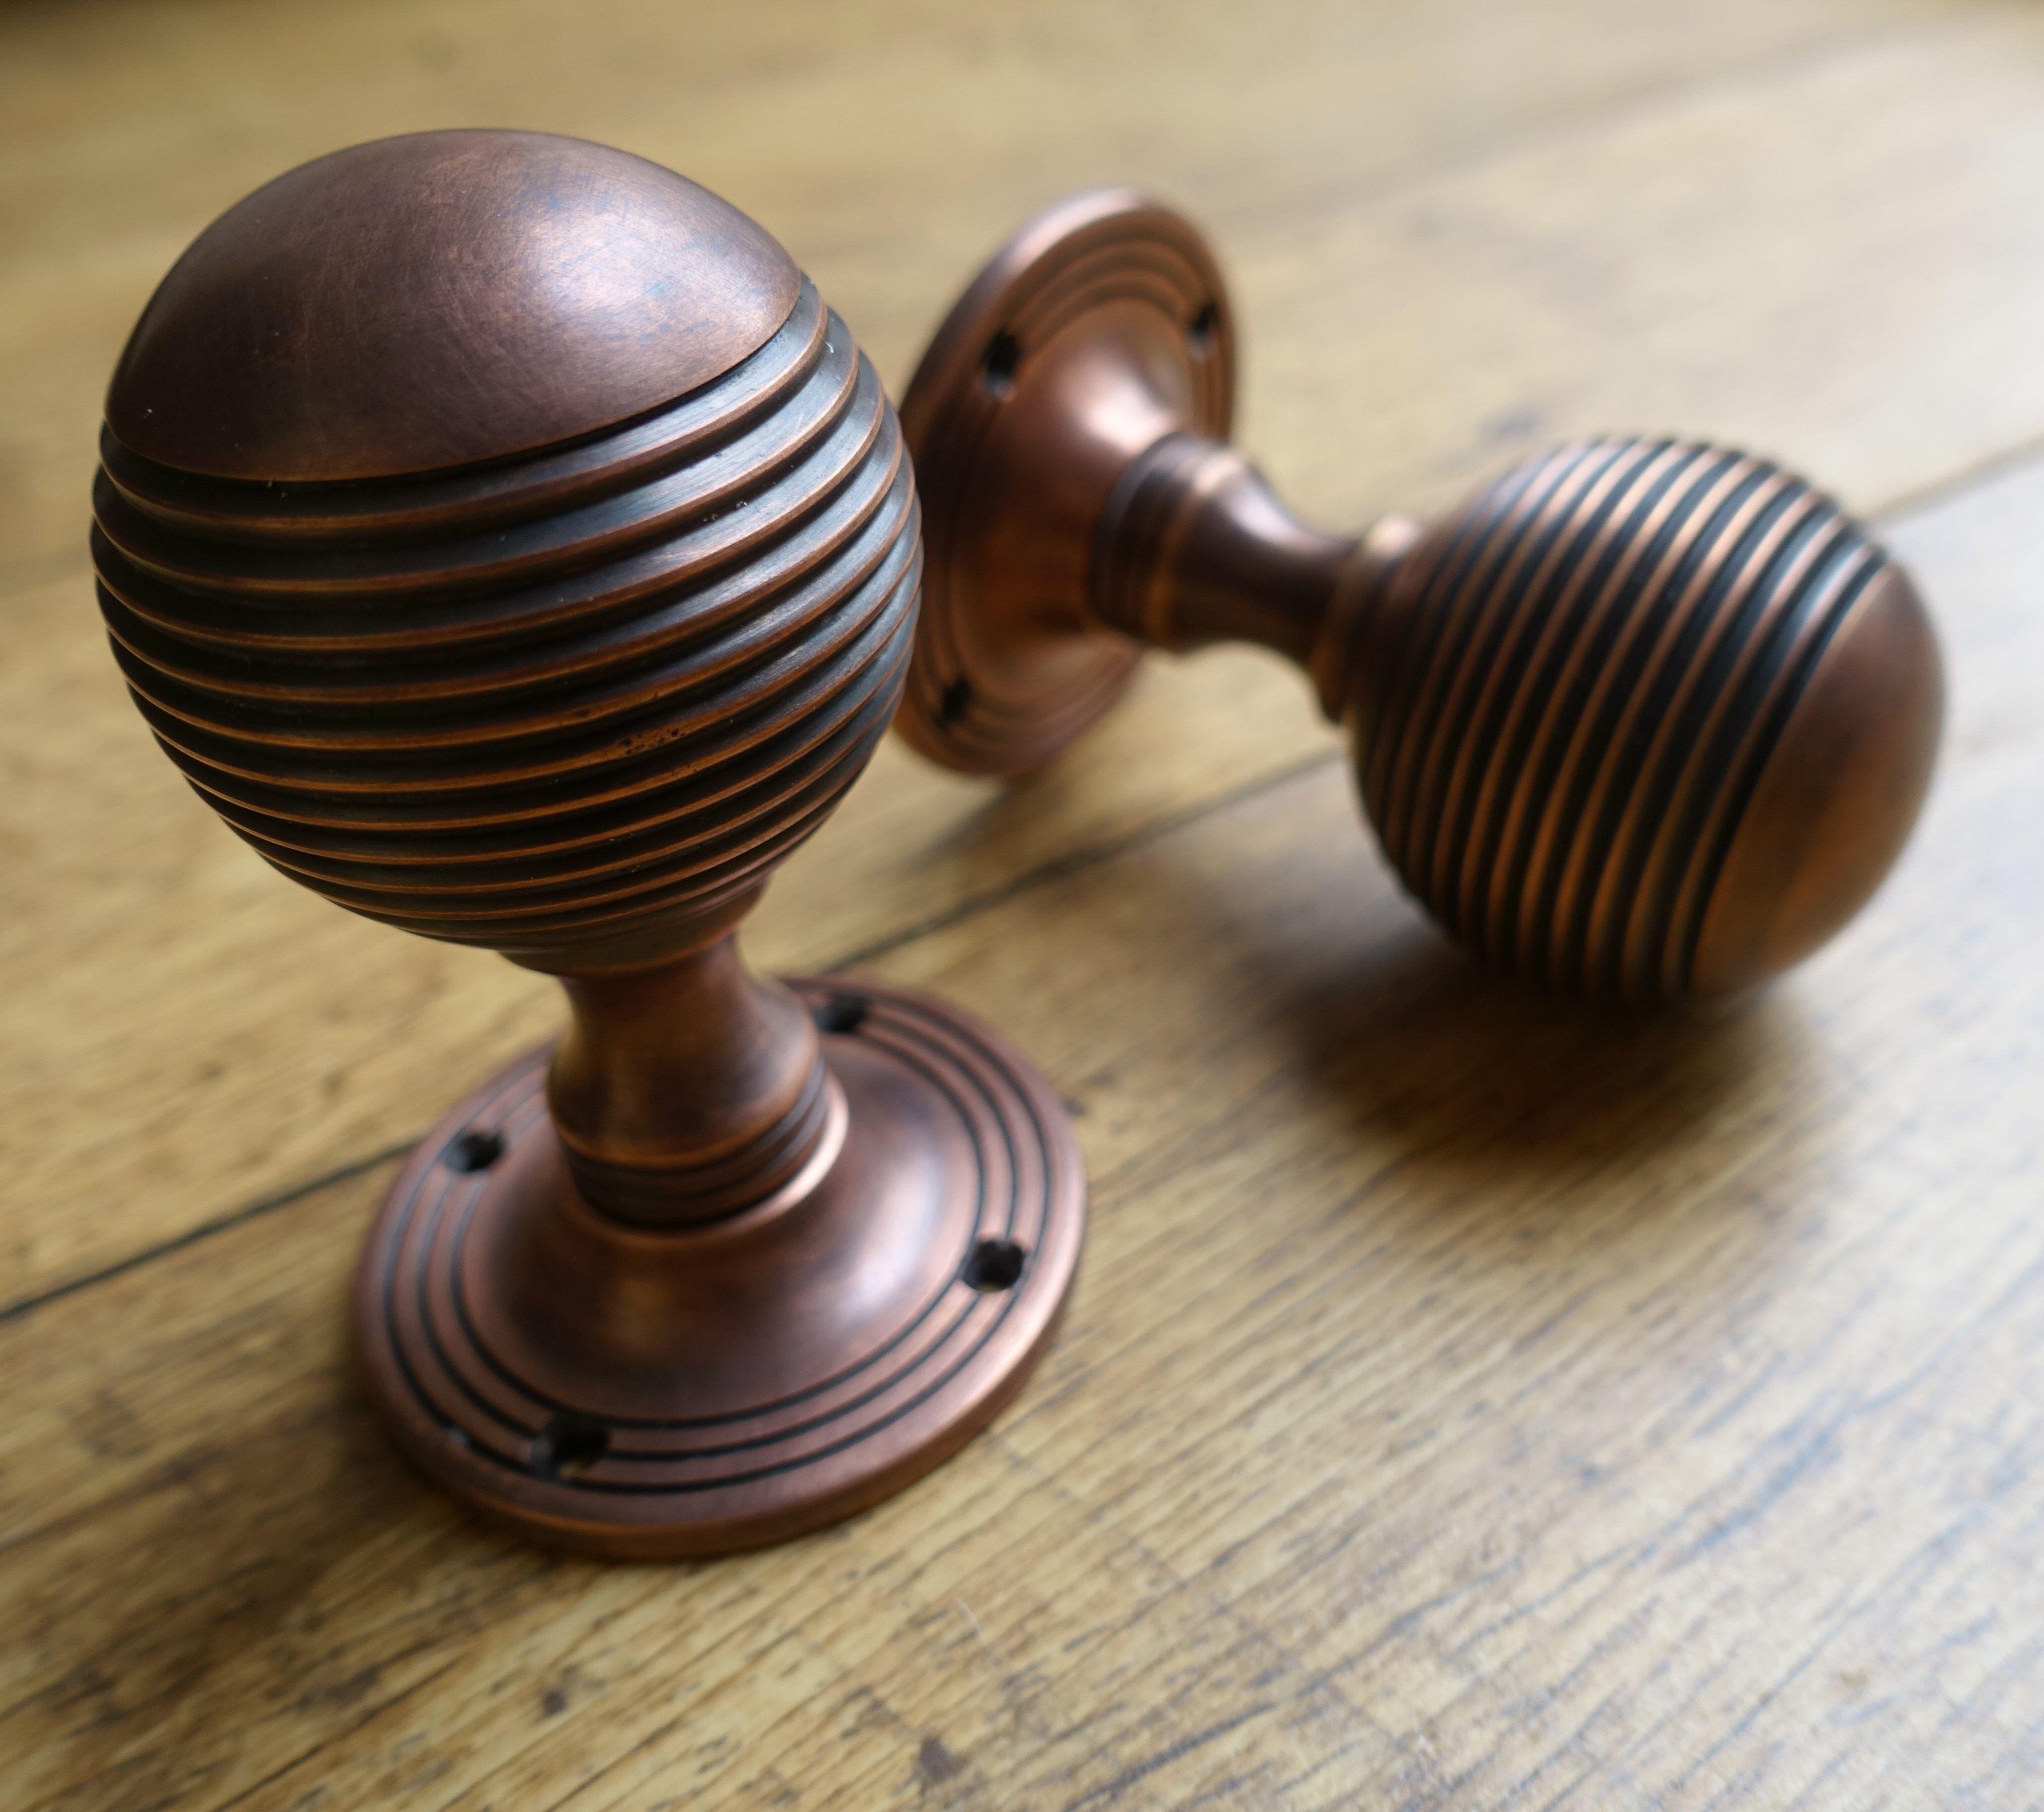 Pin on British Ironmongery Shop